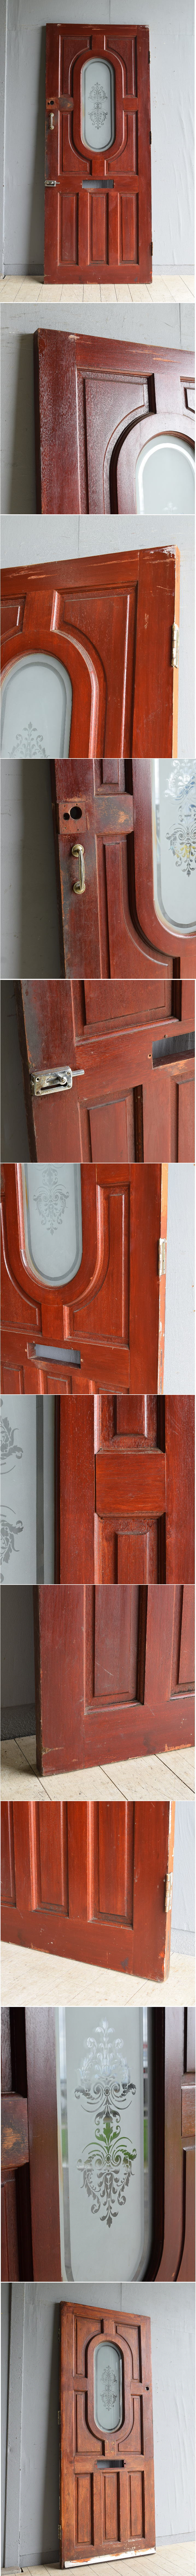 イギリス アンティーク ドア 扉 建具 8069